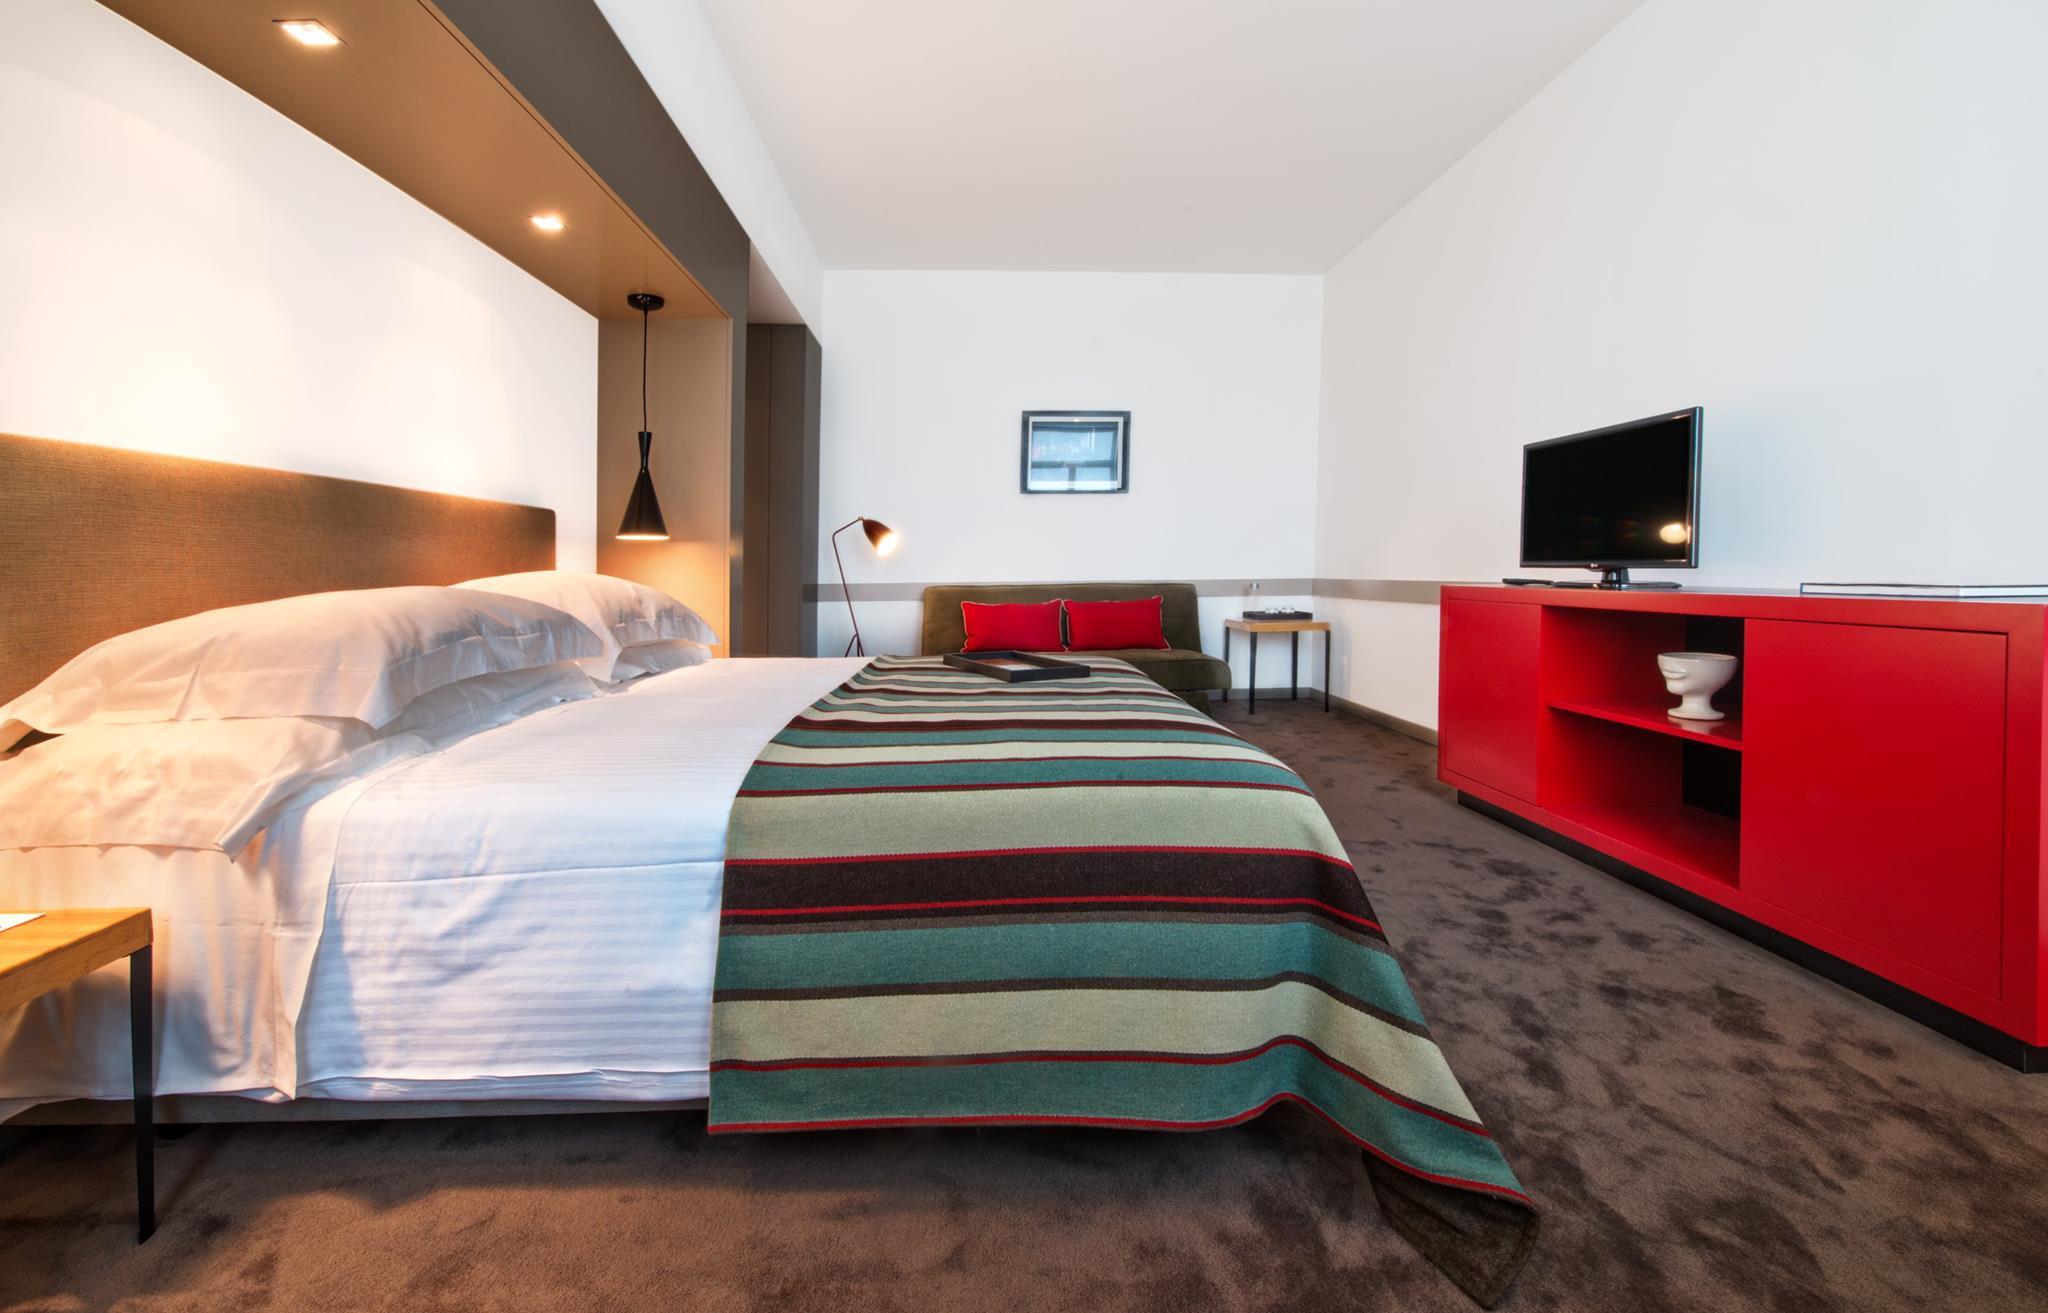 Chambre du The Artist Porto Hotel Bistro - Hotel ecole 4 etoiles - Porto